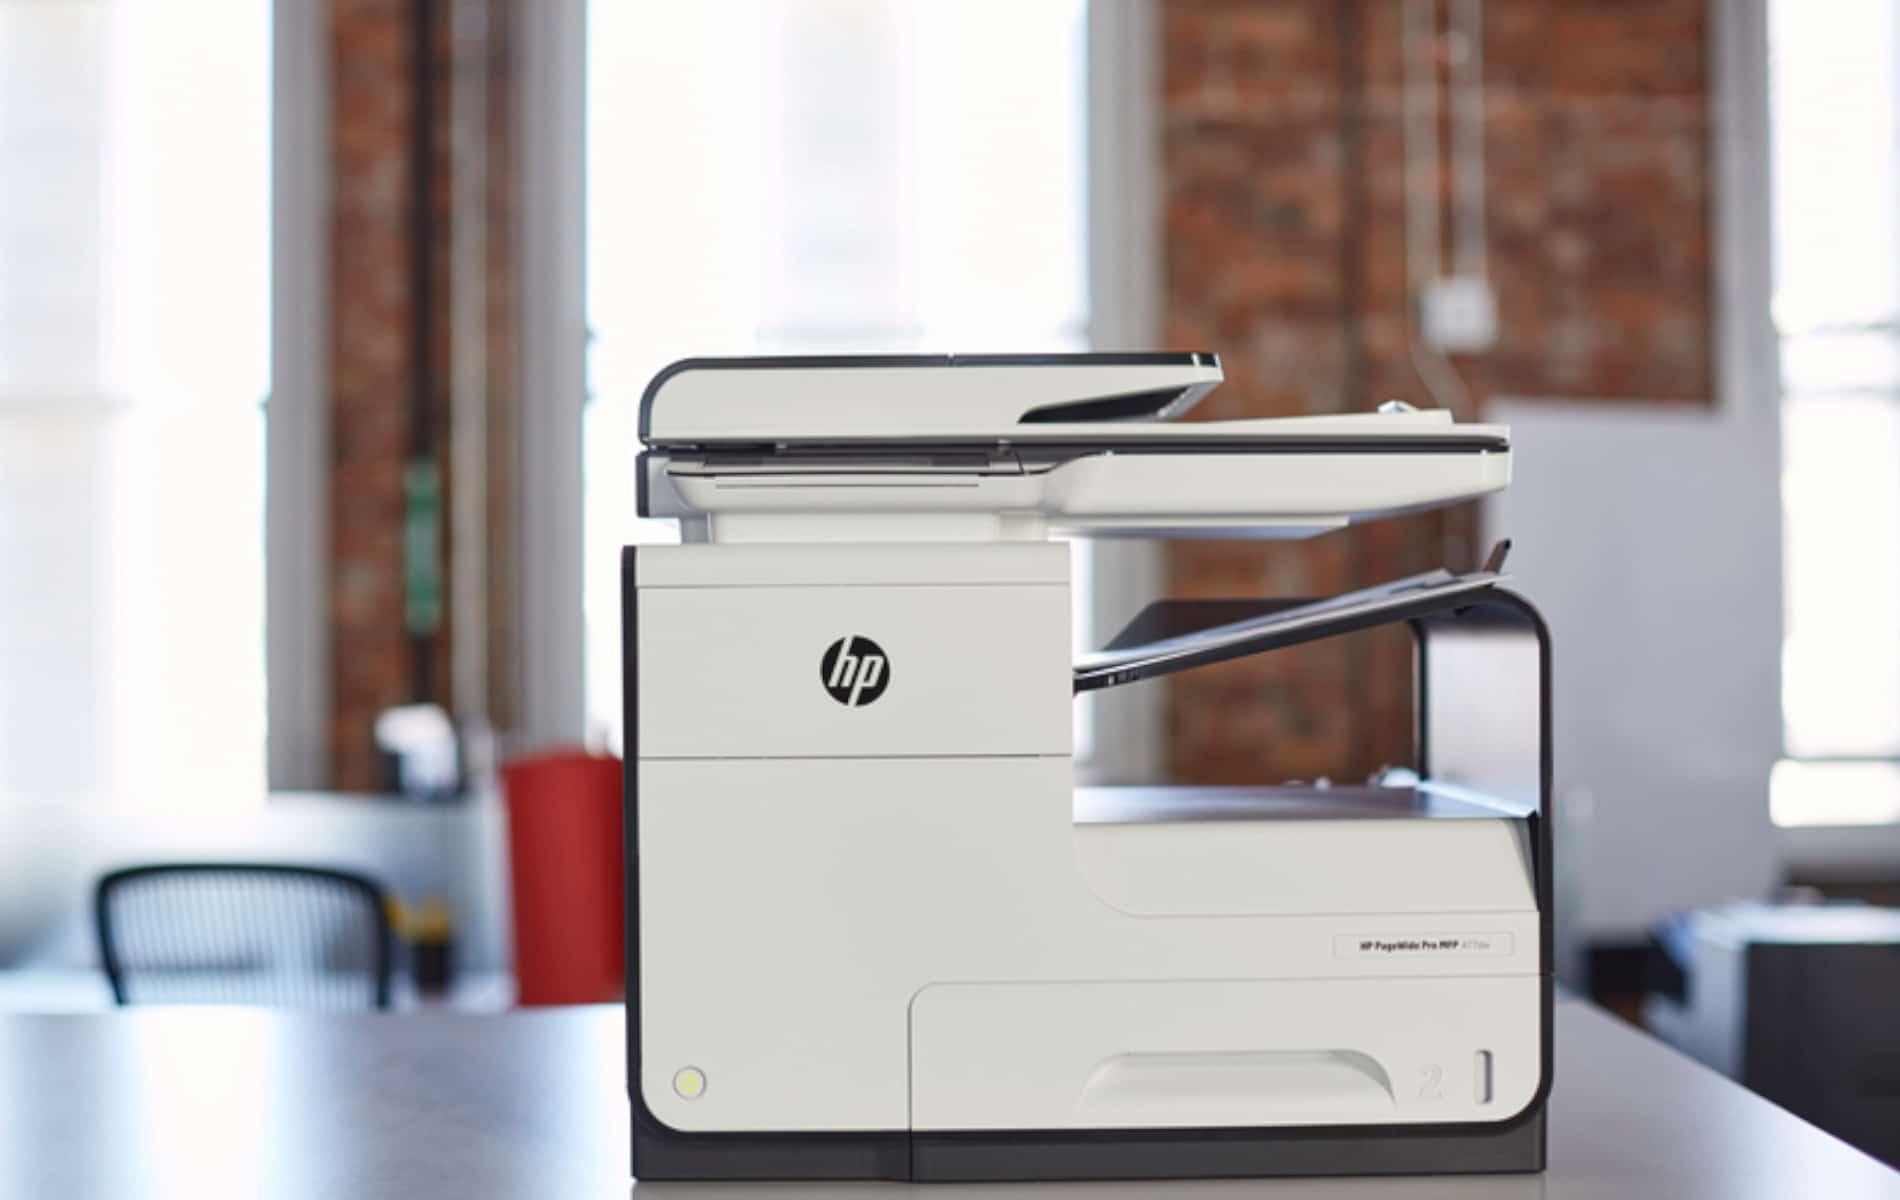 Wenn der Drucker leere Seiten druckt, hat das verschiedene Ursachen. Wir geben schnelle Hilfe für die Fehlerbehebung.